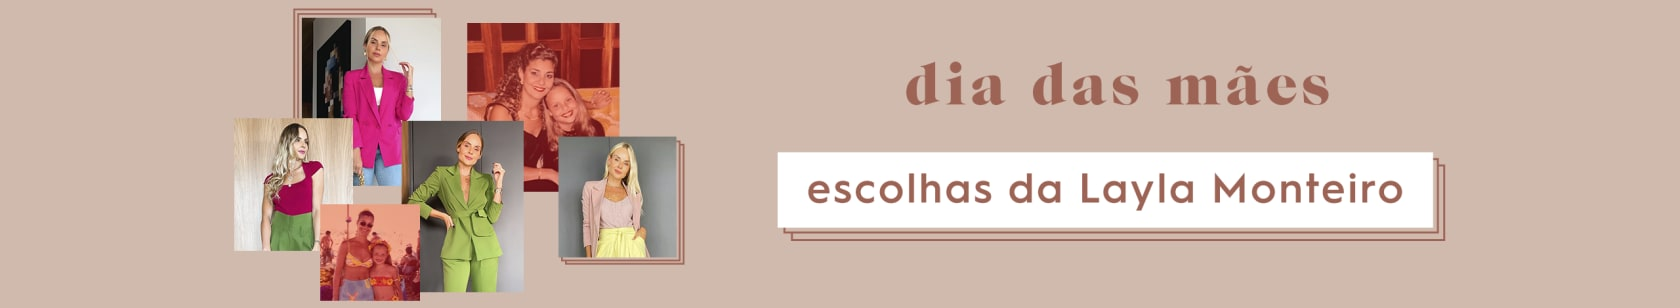 ESCOLHAS DA LAYLA MONTEIRO